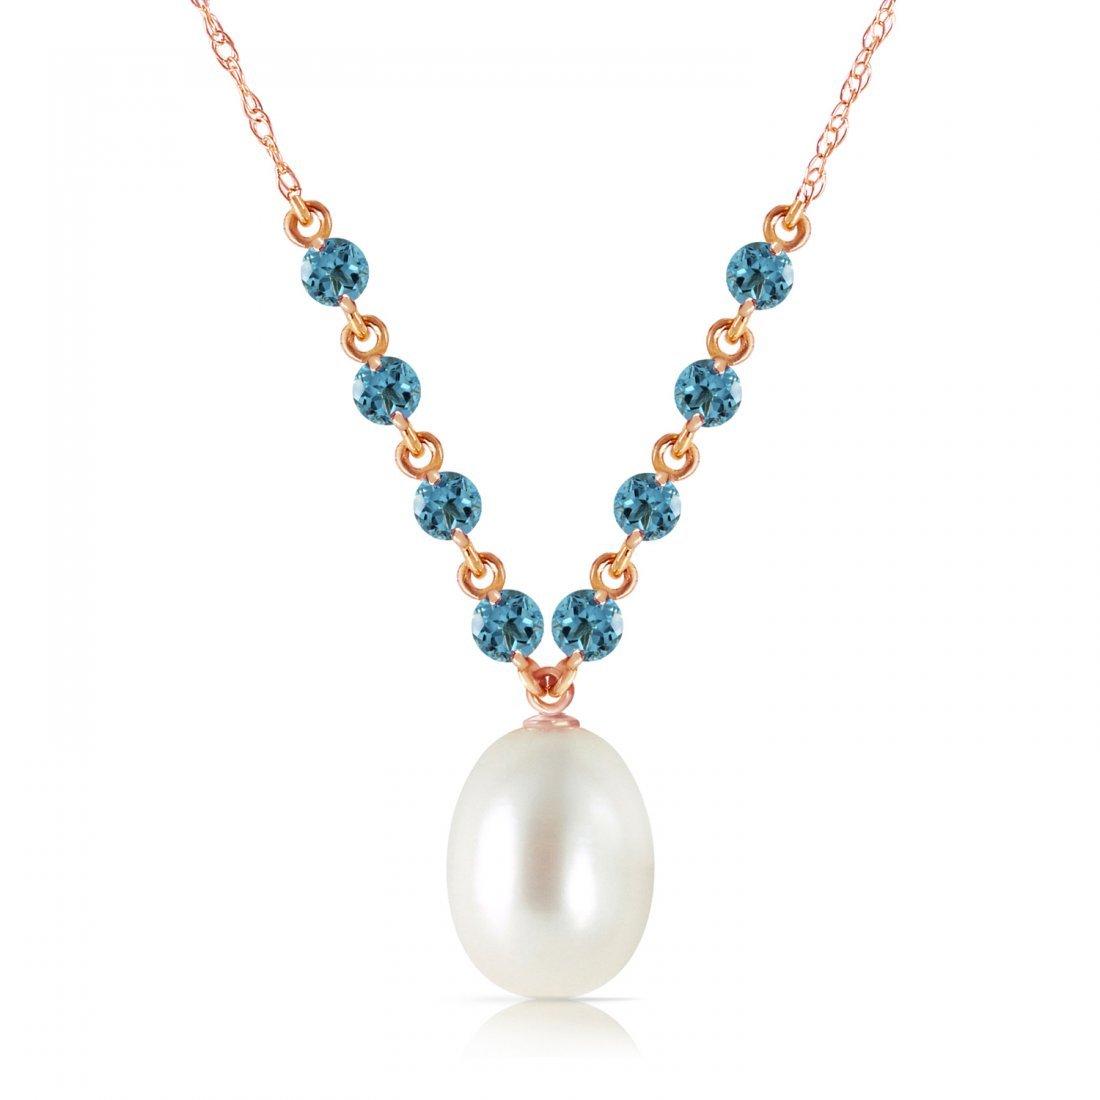 Genuine 5 ctw Blue Topaz Necklace Jewelry 14KT Rose